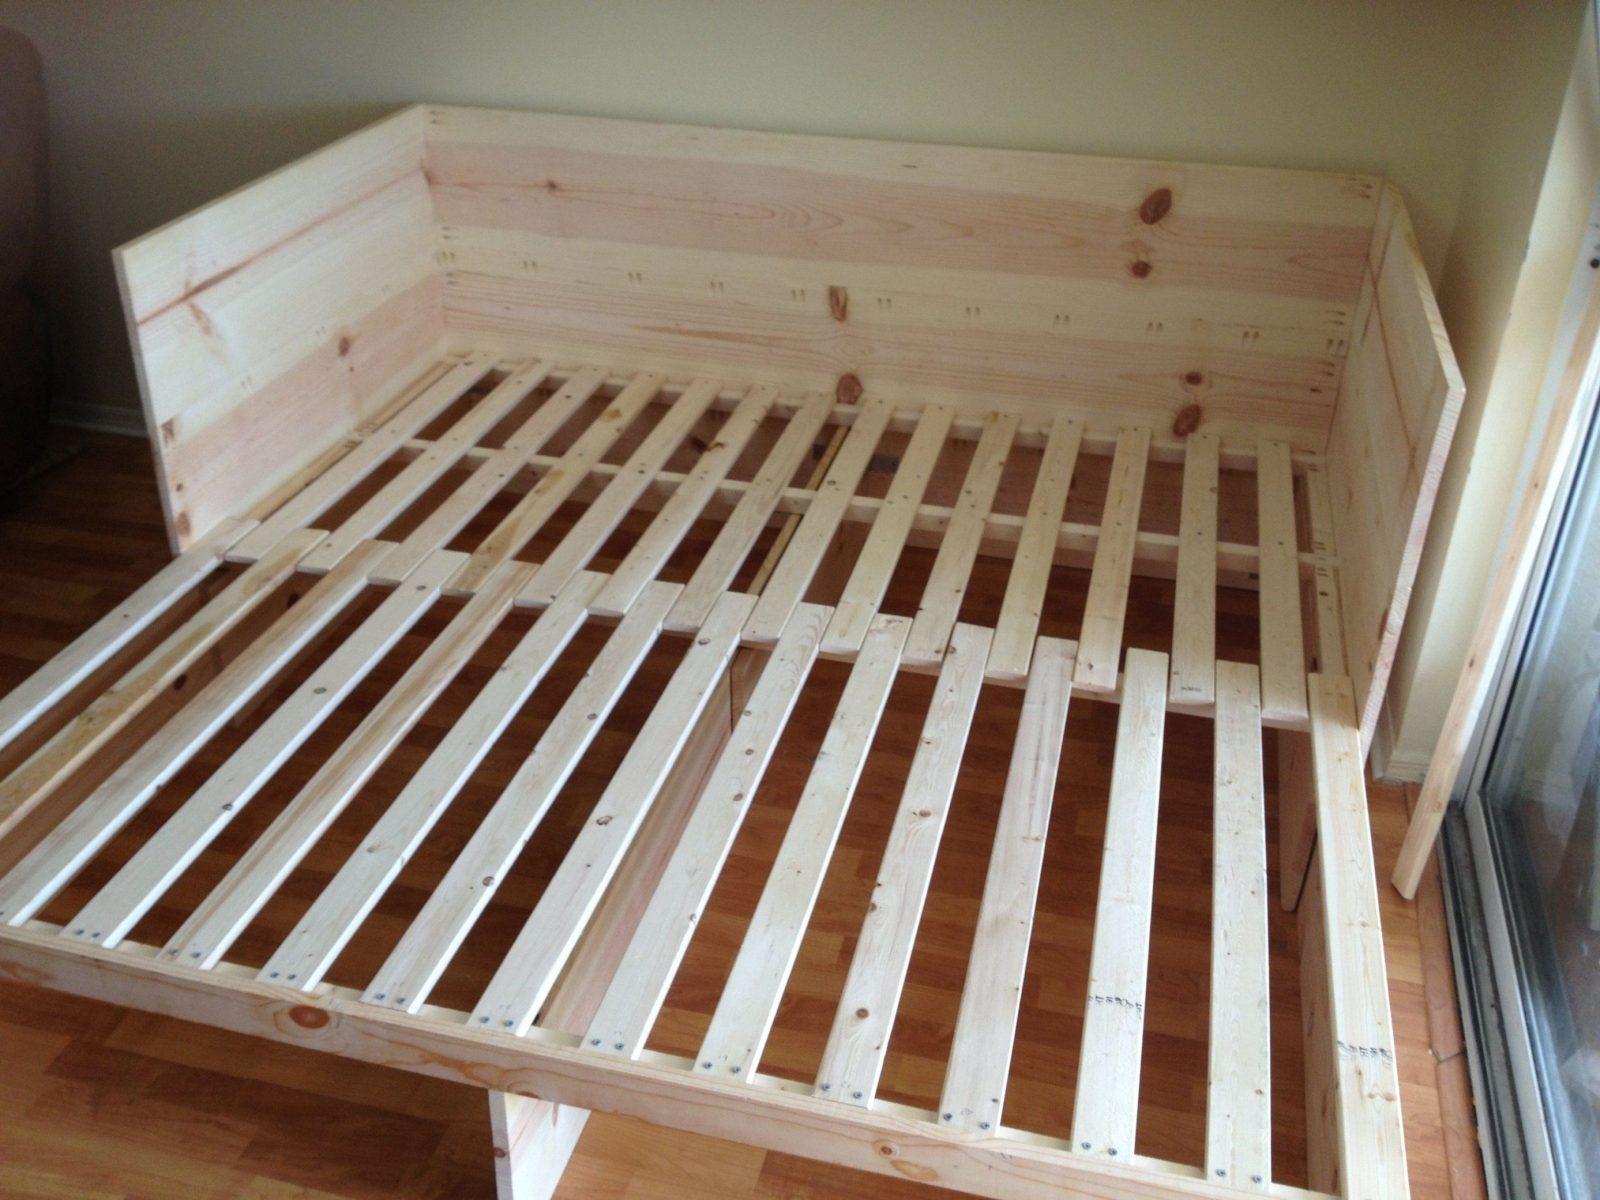 Diy Furniture I Möbel Selber Bauen I Couch Sofa Daybed I Inspiration von Camping Möbel Selber Bauen Bild